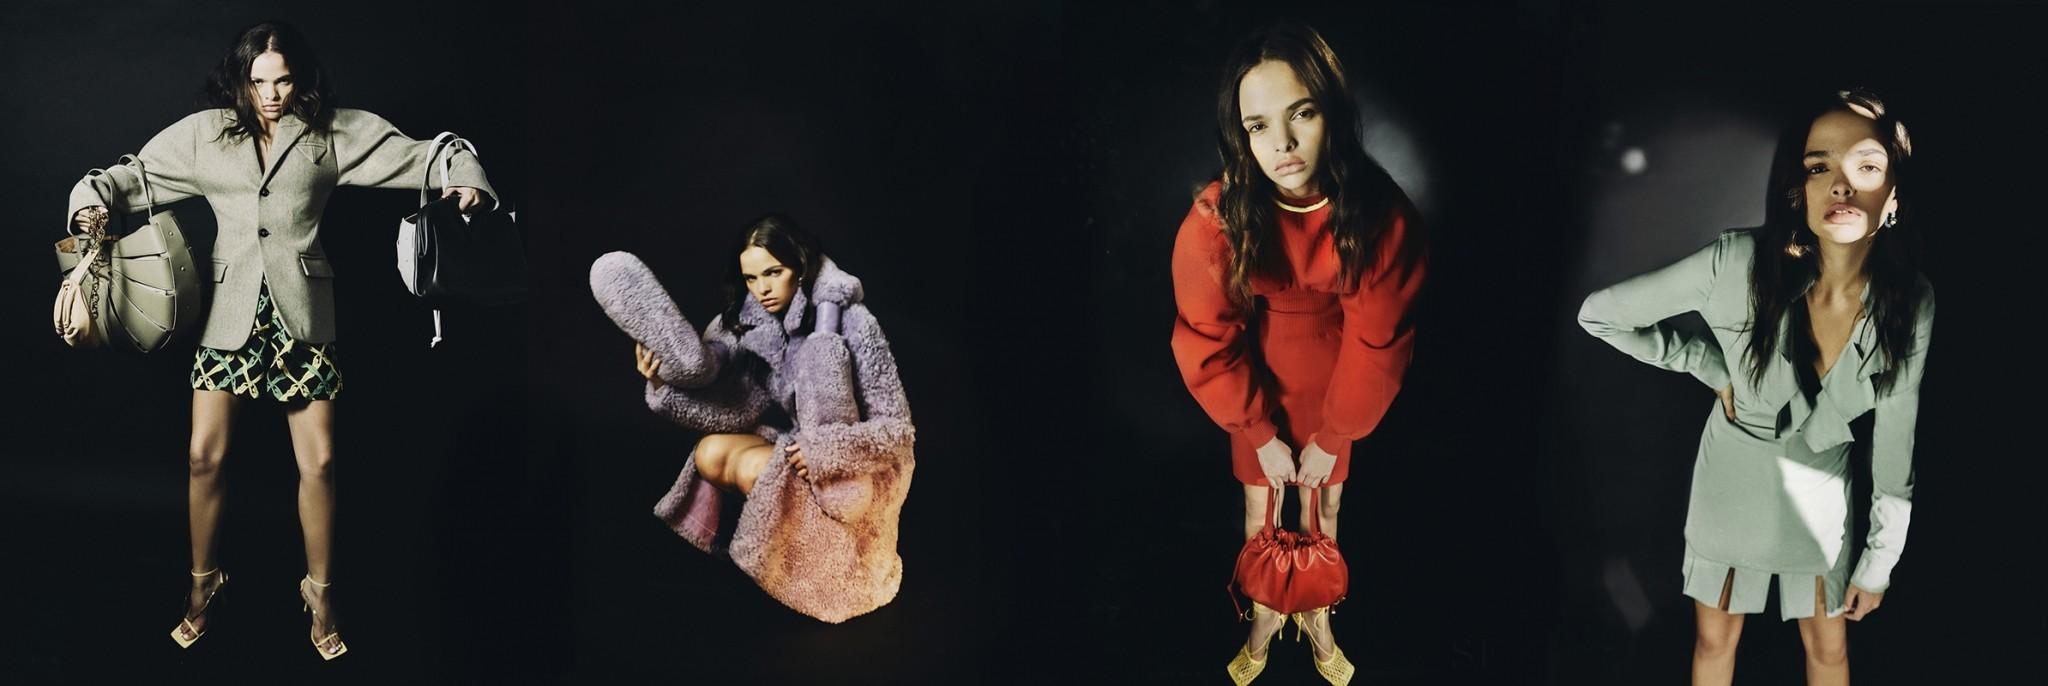 Bottega Veneta Unveils 'Wardrobe 01' Collection